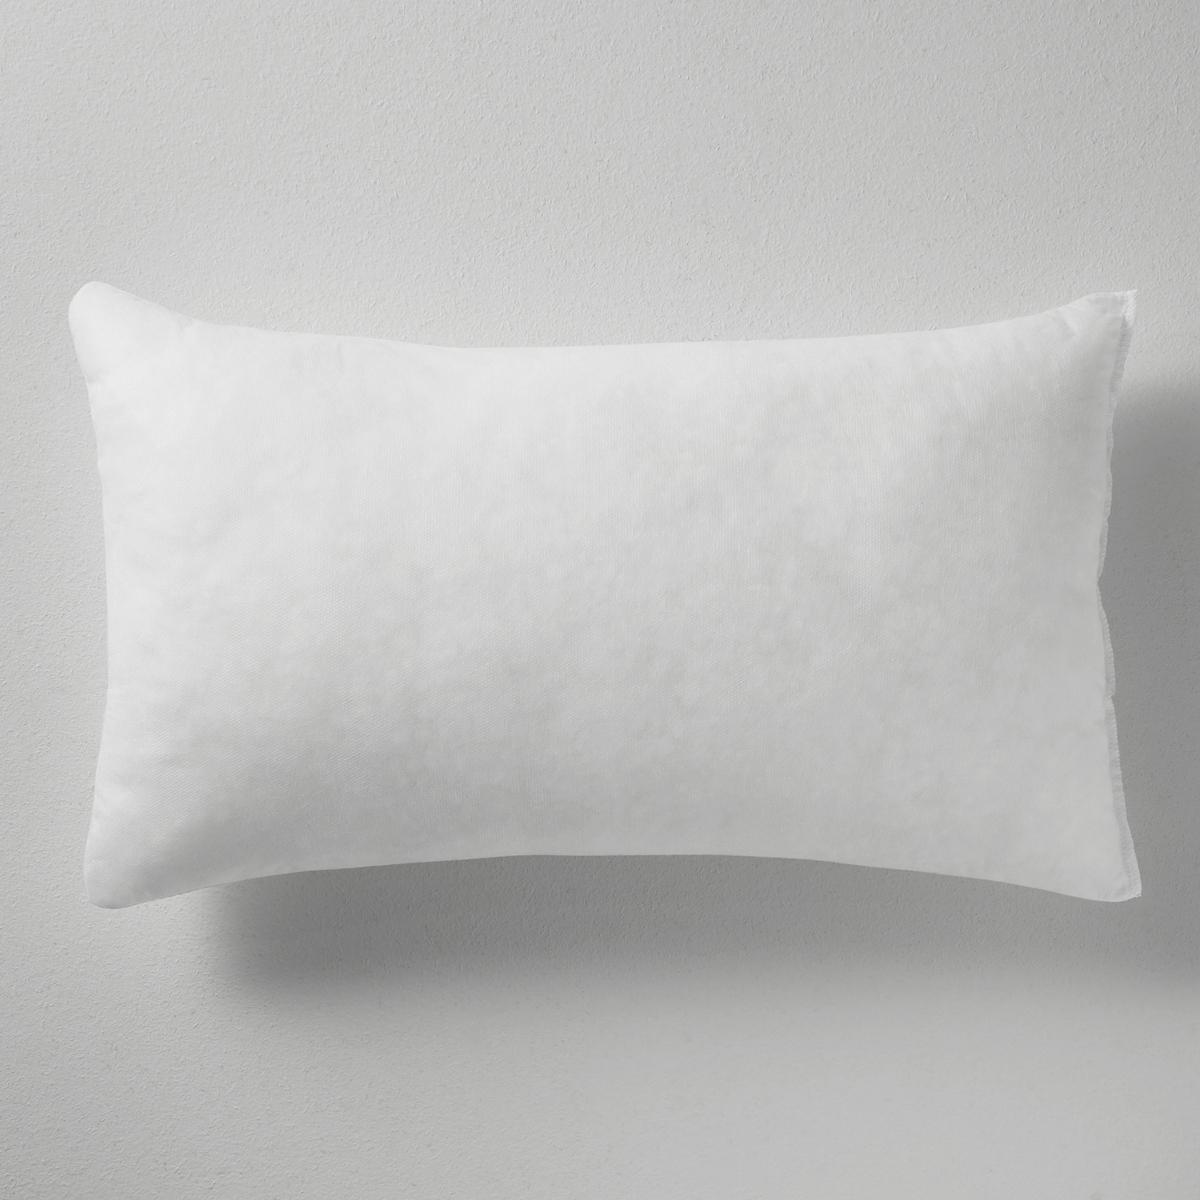 Подушка с синтетическим наполнителем InМатериал :  - Поверхность из тканого материала 100% полипропилена.  - Наполнитель из 100% переработанного полиэстера.<br><br>Цвет: белый<br>Размер: 50 x 50  см